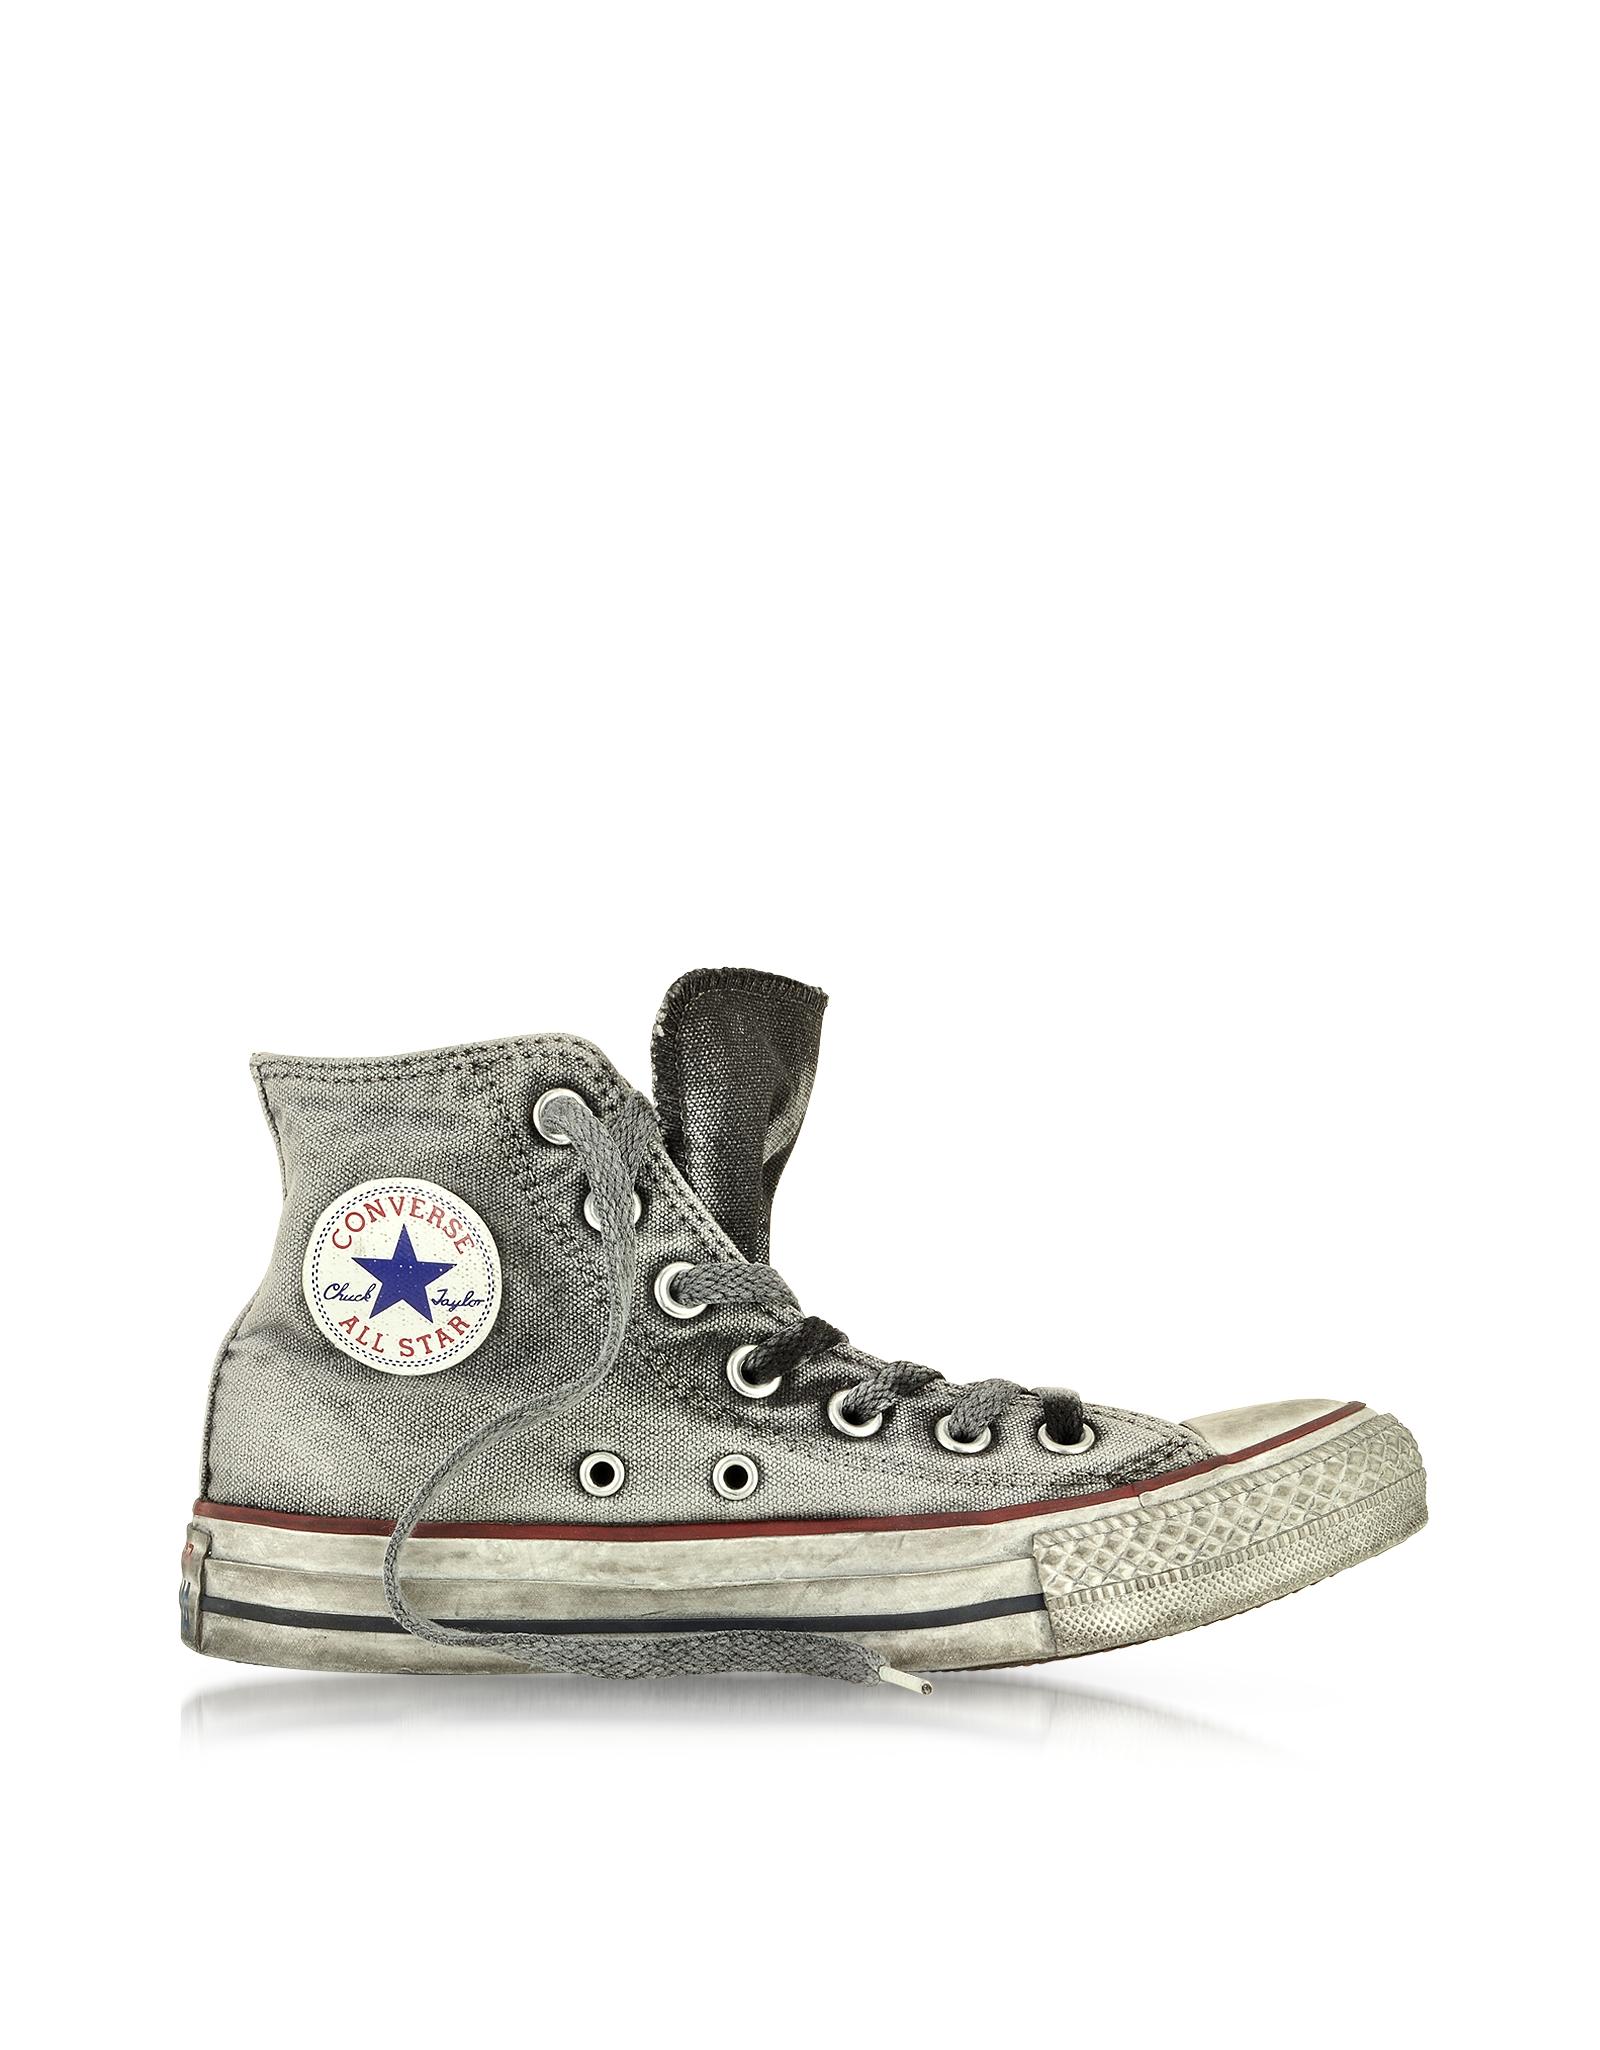 converse sneakers all star edizione limitata